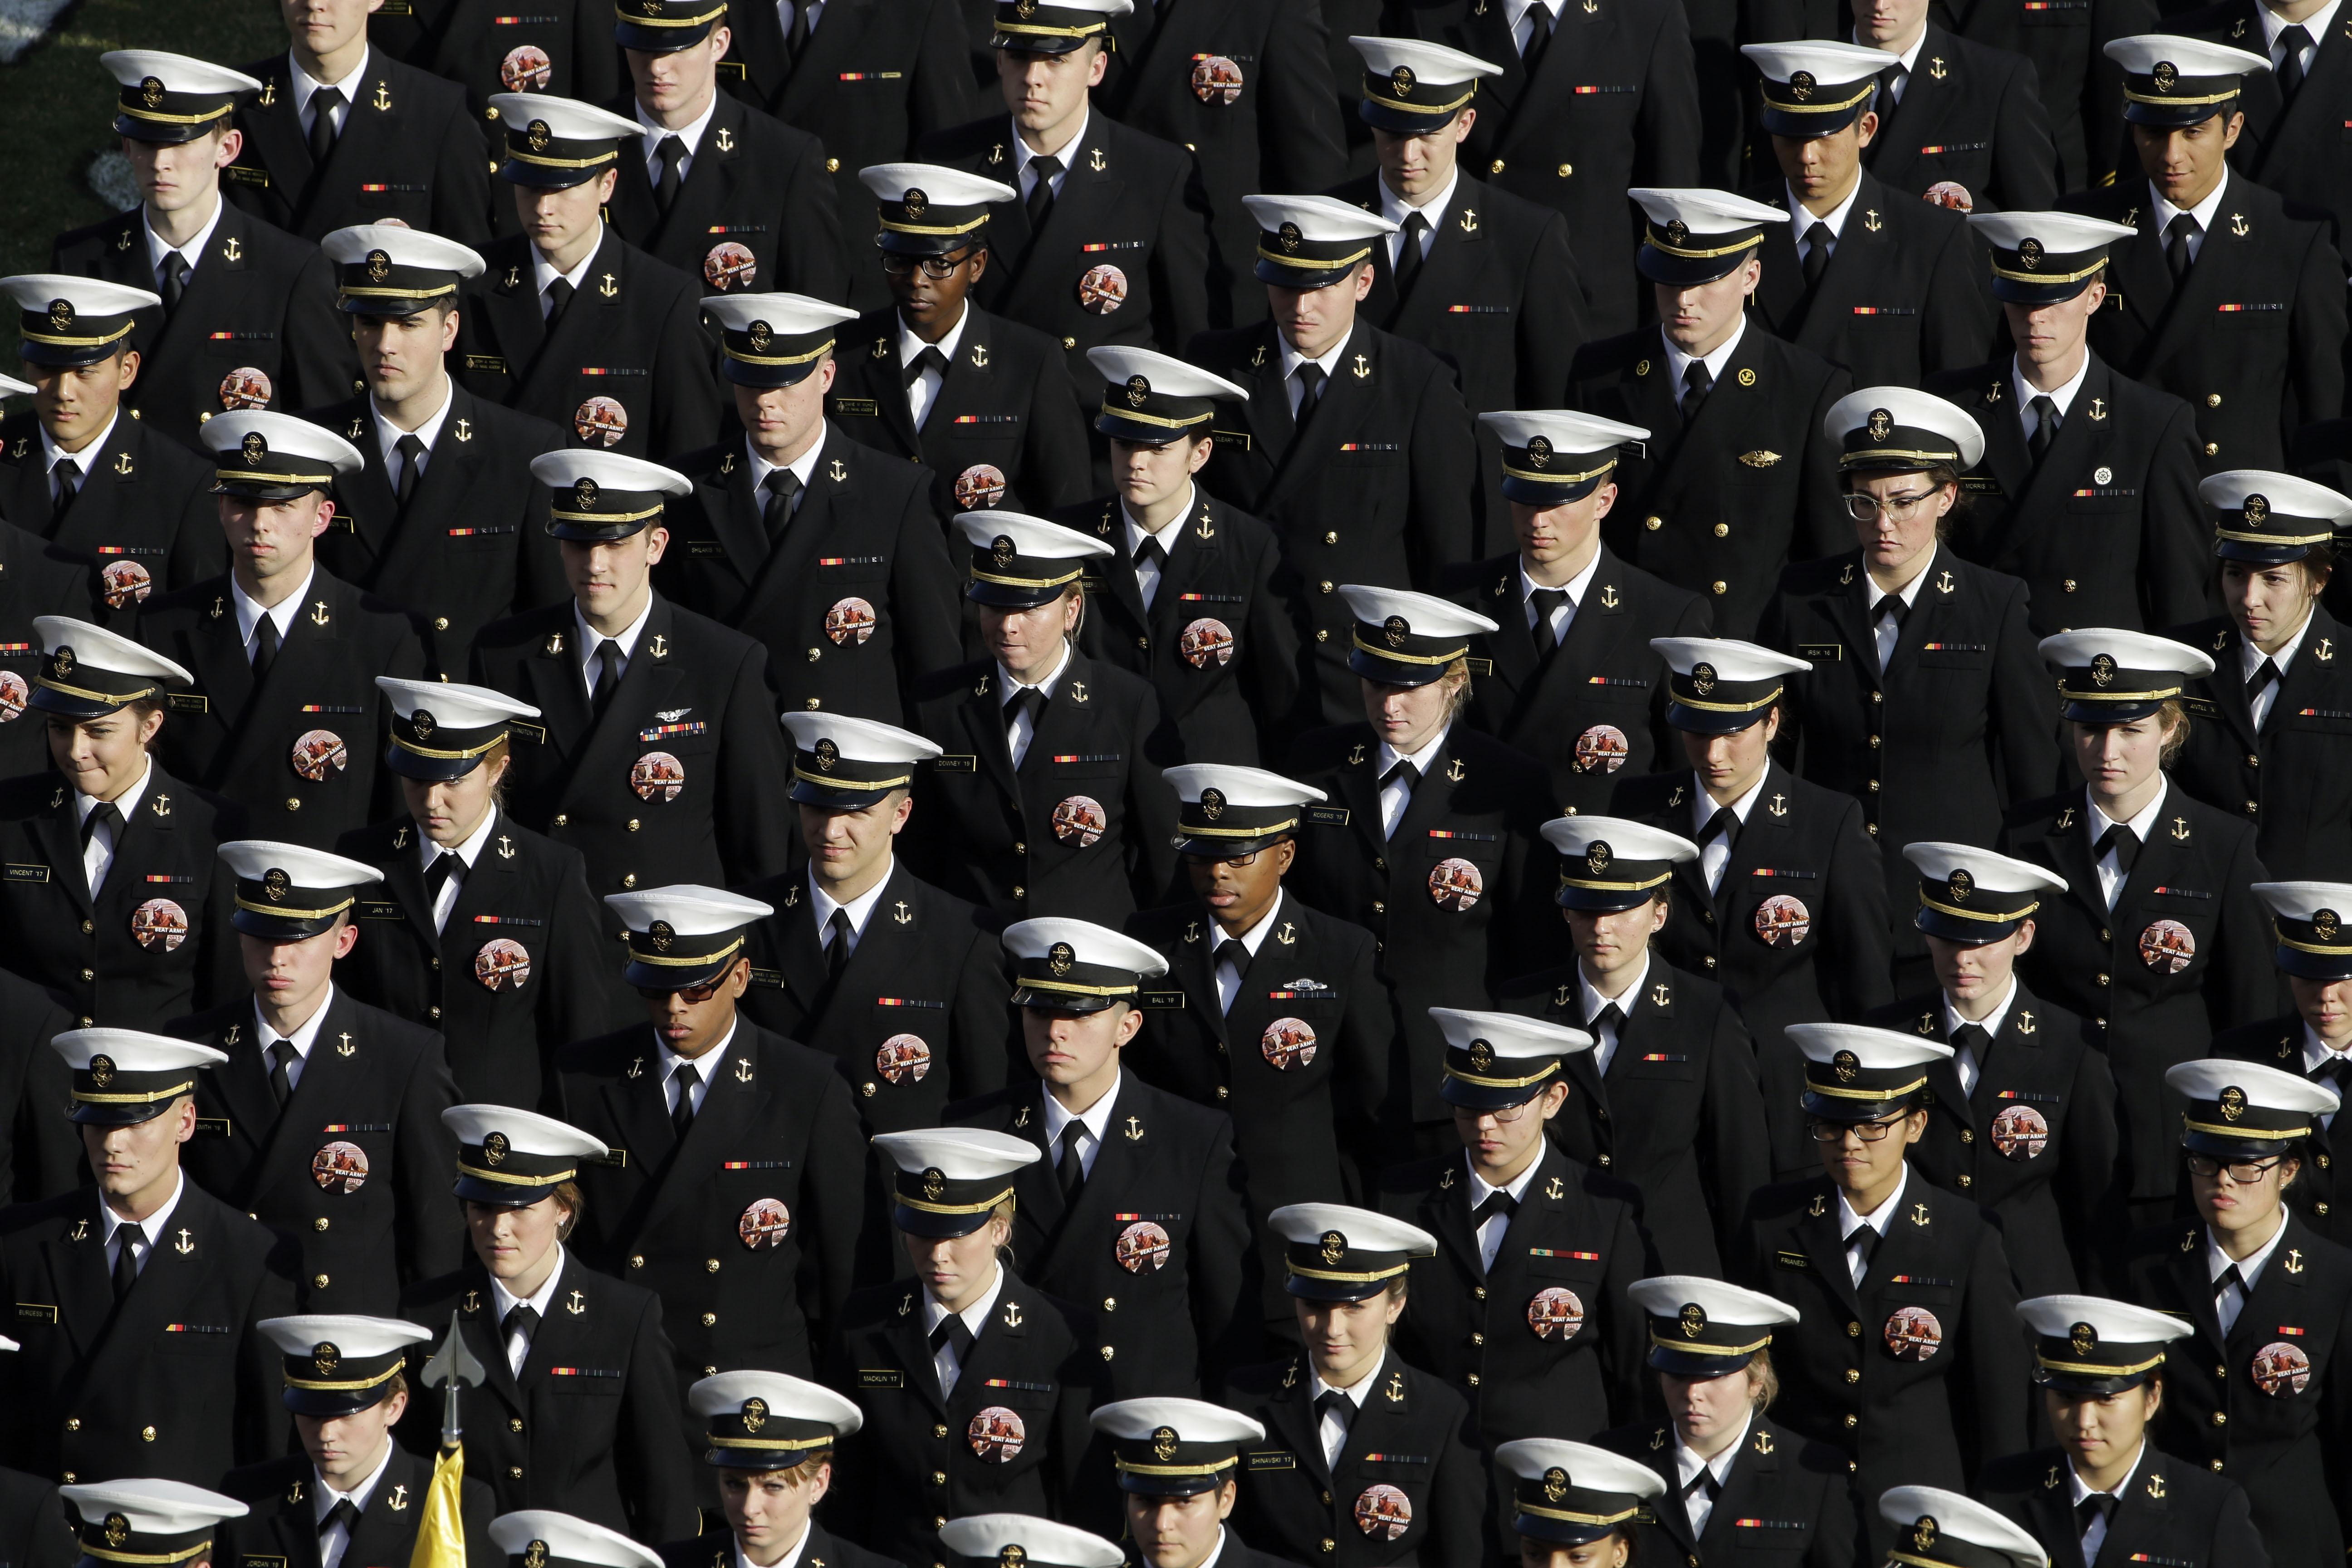 Army_navy_football